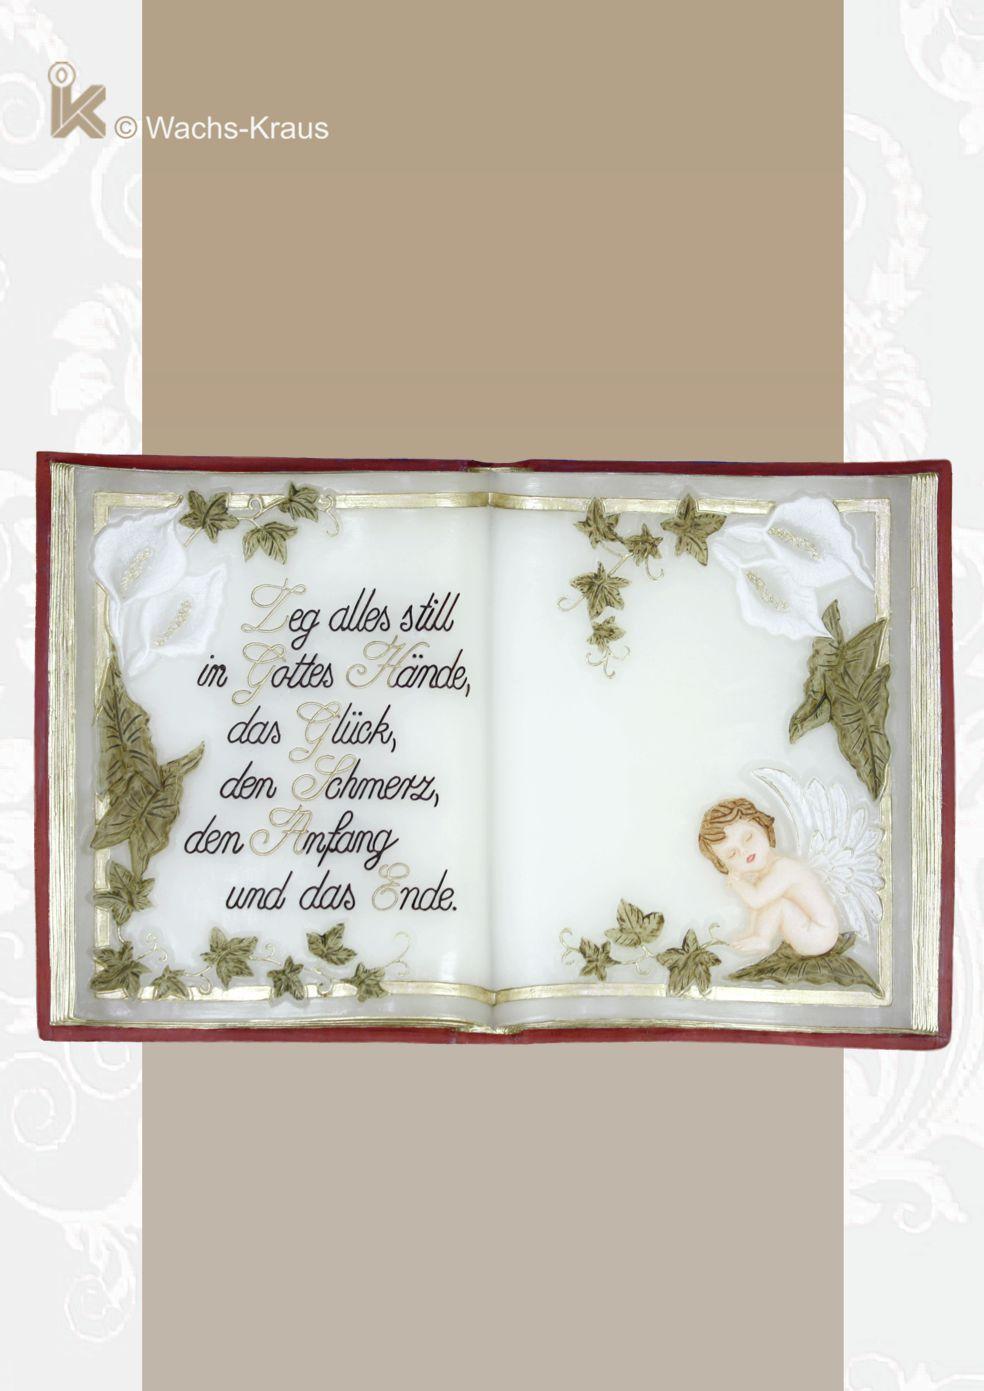 Wachsbuch Engel, Leg alles still in Gottes Hände